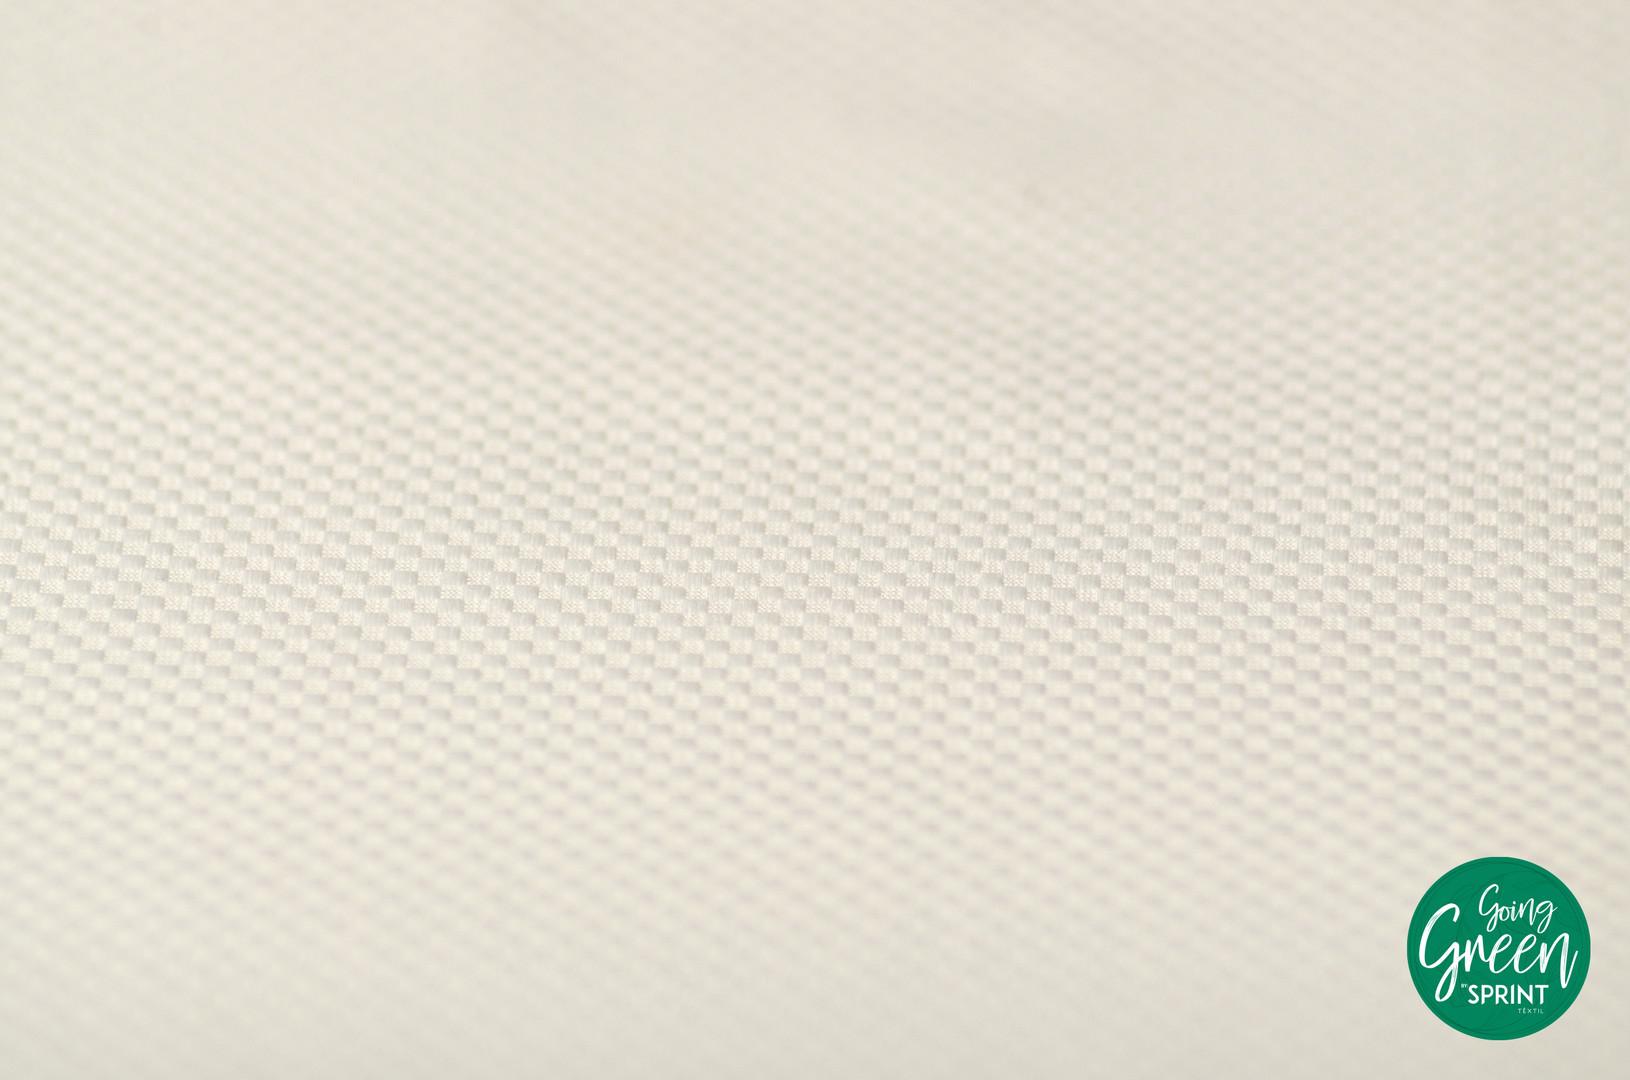 1003 - ROMA  50%CO  47%PES  3%PUE 1,40m - 224g/ml - 160g/m²   DISPONÍVEL EM:  PT DIGITAL SUBLIMAÇÃO ROTATIVA PIGMENTO